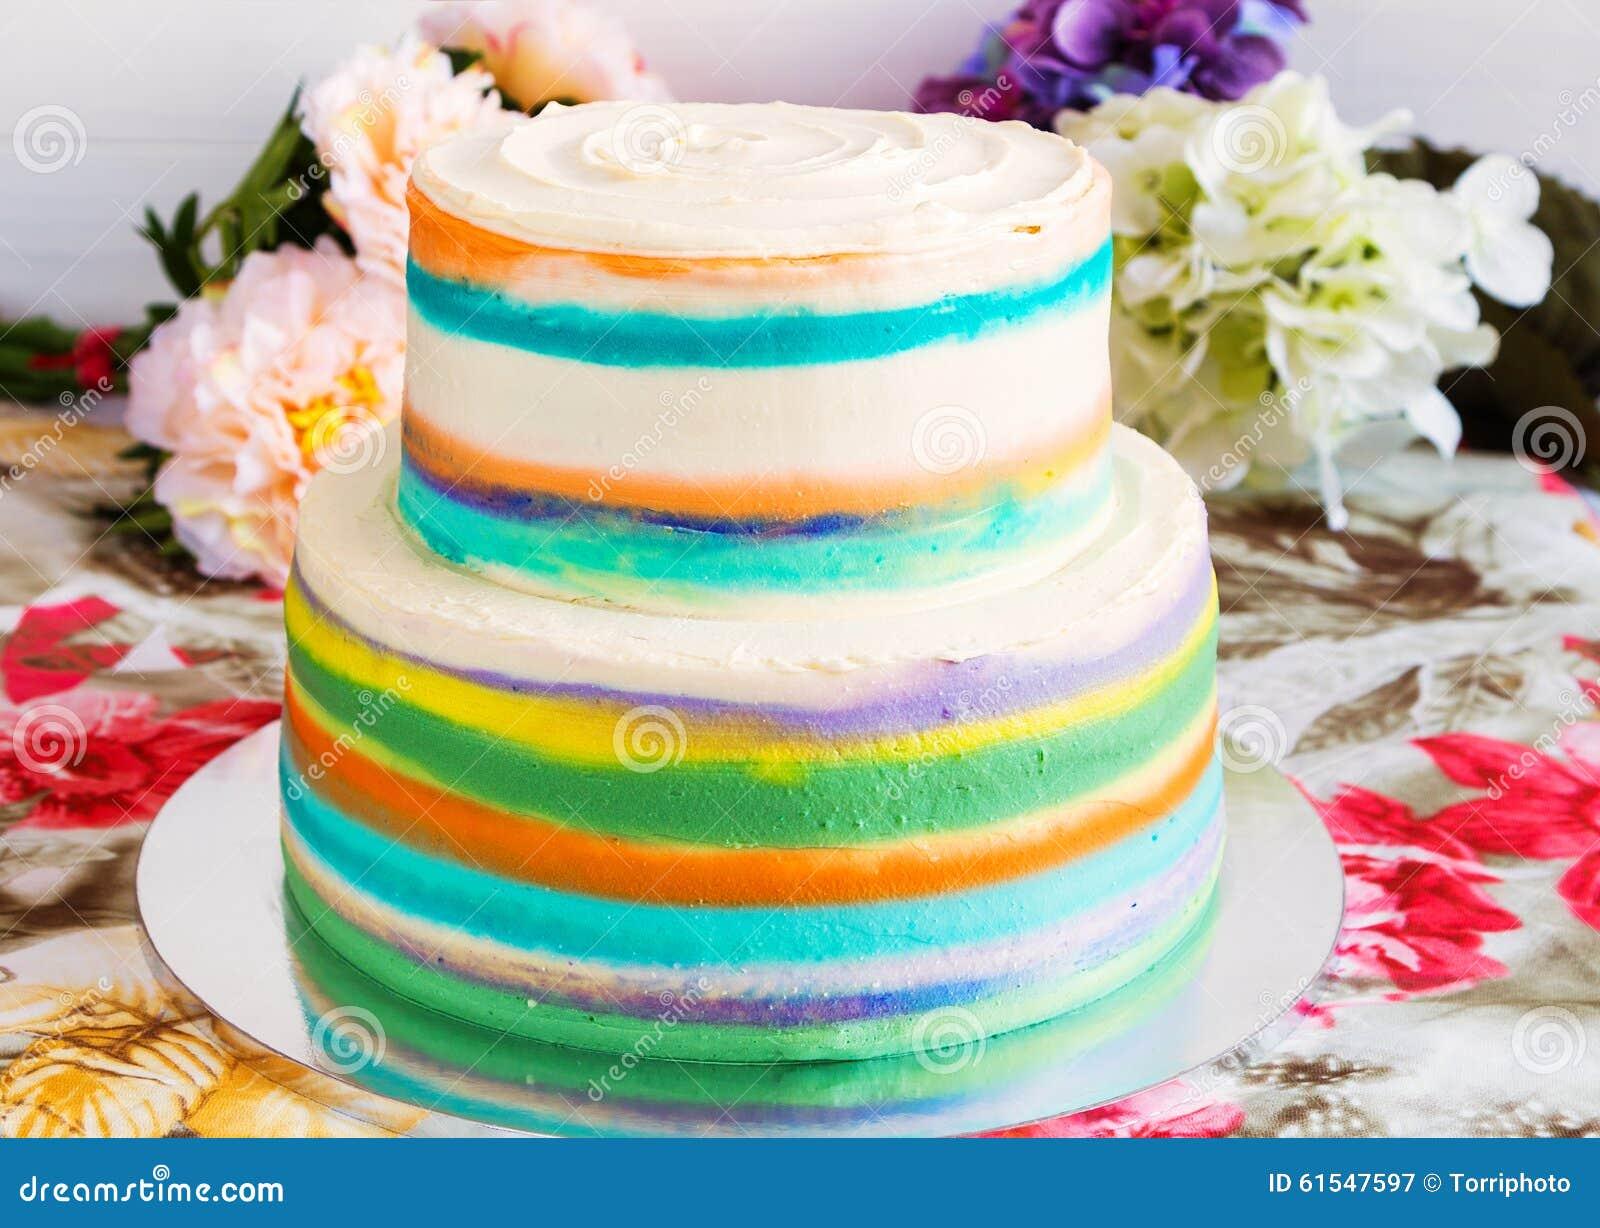 Bunter Kuchen Stockbild Bild Von Hintergrund Schicht 61547597